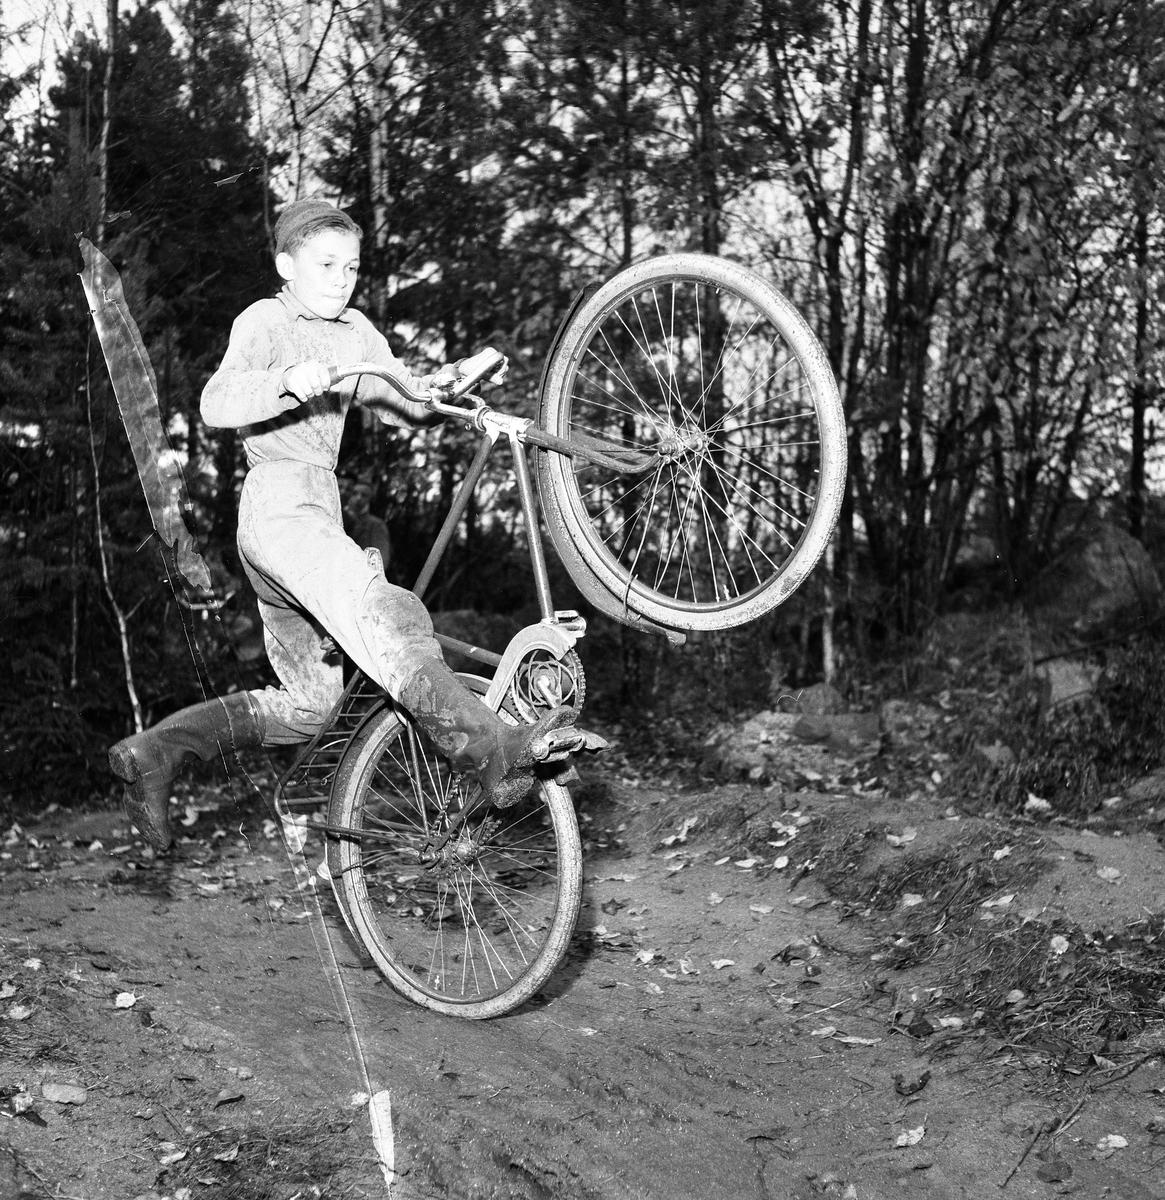 """Cykelcross är en ny sportfluga för ungdomar. Här kommer Nils Karlsson, tävlande för Arbogas Kronorna. Laget möter Rövarna från Fellingsbro som tävlar på hemmaplan. Banan är 450 meter lång. Den här bilden finns med i Reinhold Carlssons bok """"Arboga objektivt sett""""."""